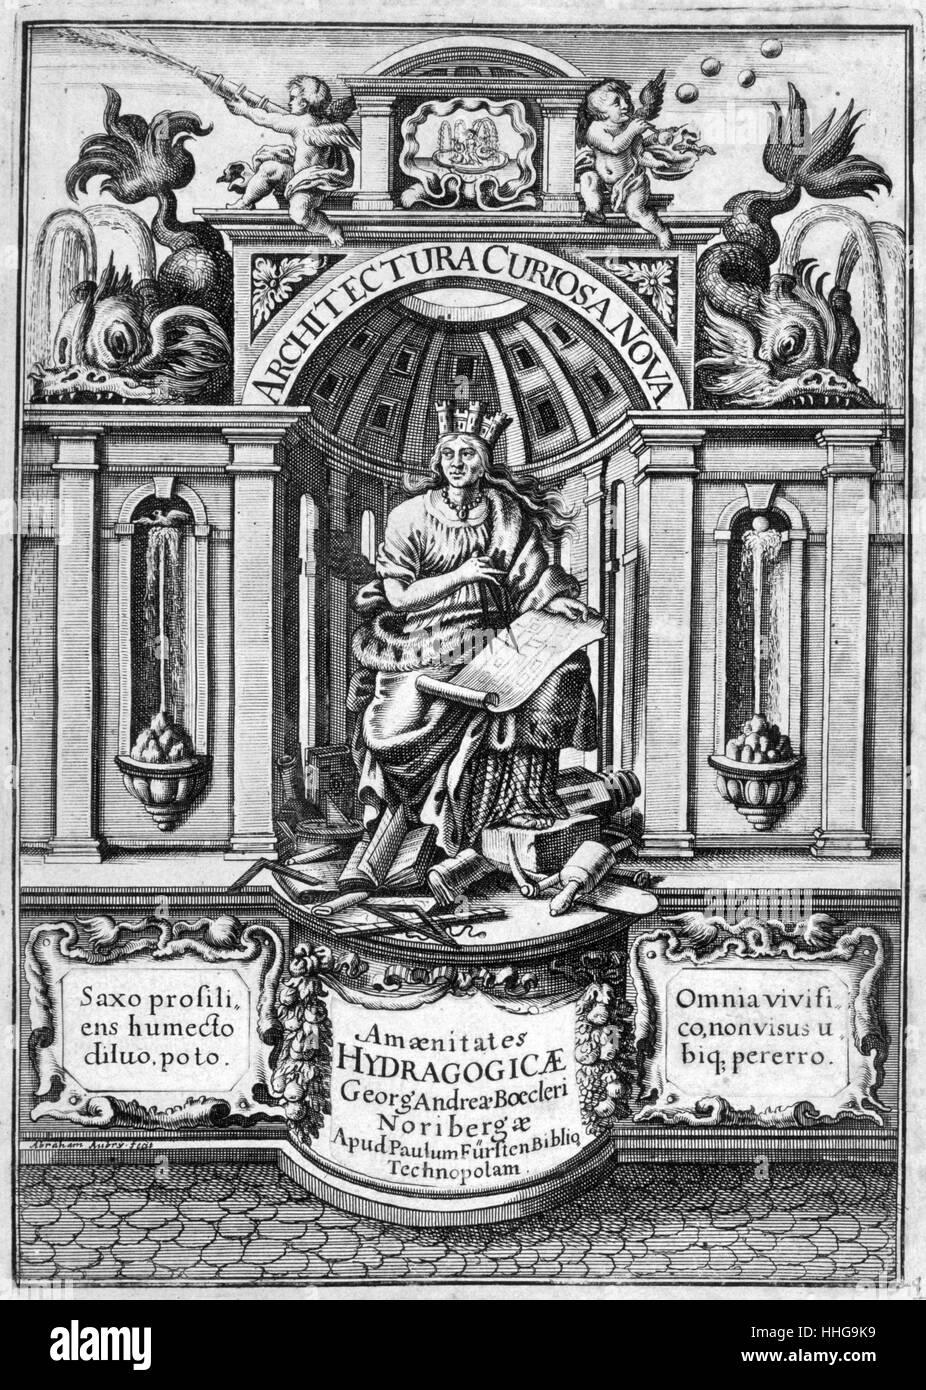 Architektur Buch | Abbildung Aus Dem 17 Jahrhundert Architektur Buch Architectura